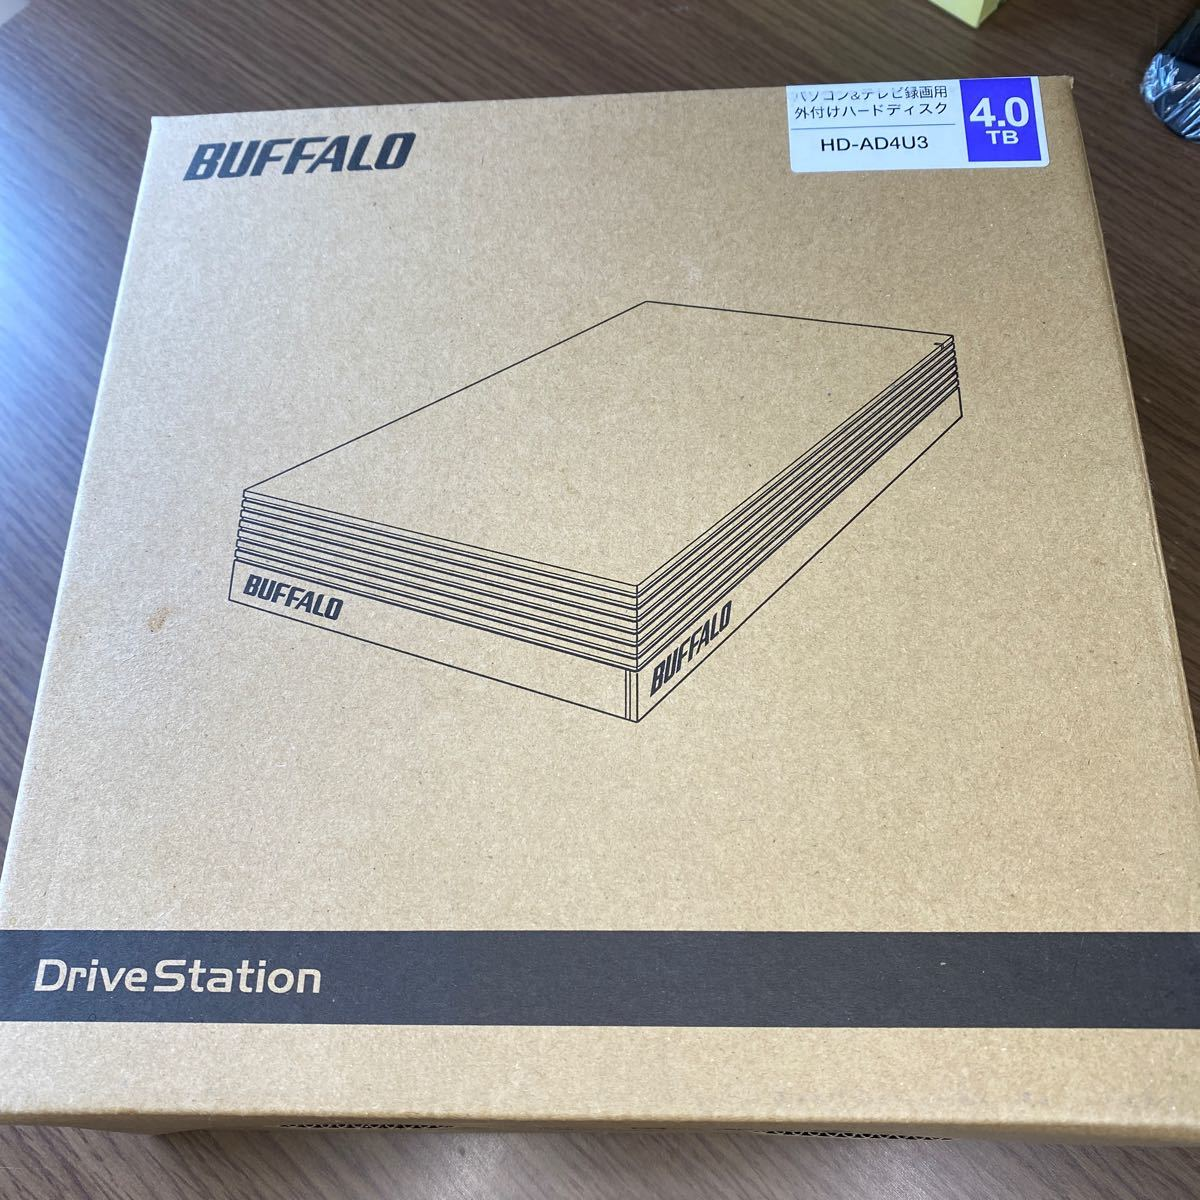 【未使用・未開封】BUFFALO 外付けハードディスク 4TB テレビ録画/PC/PS4/4K対応  HD-AD4U3  